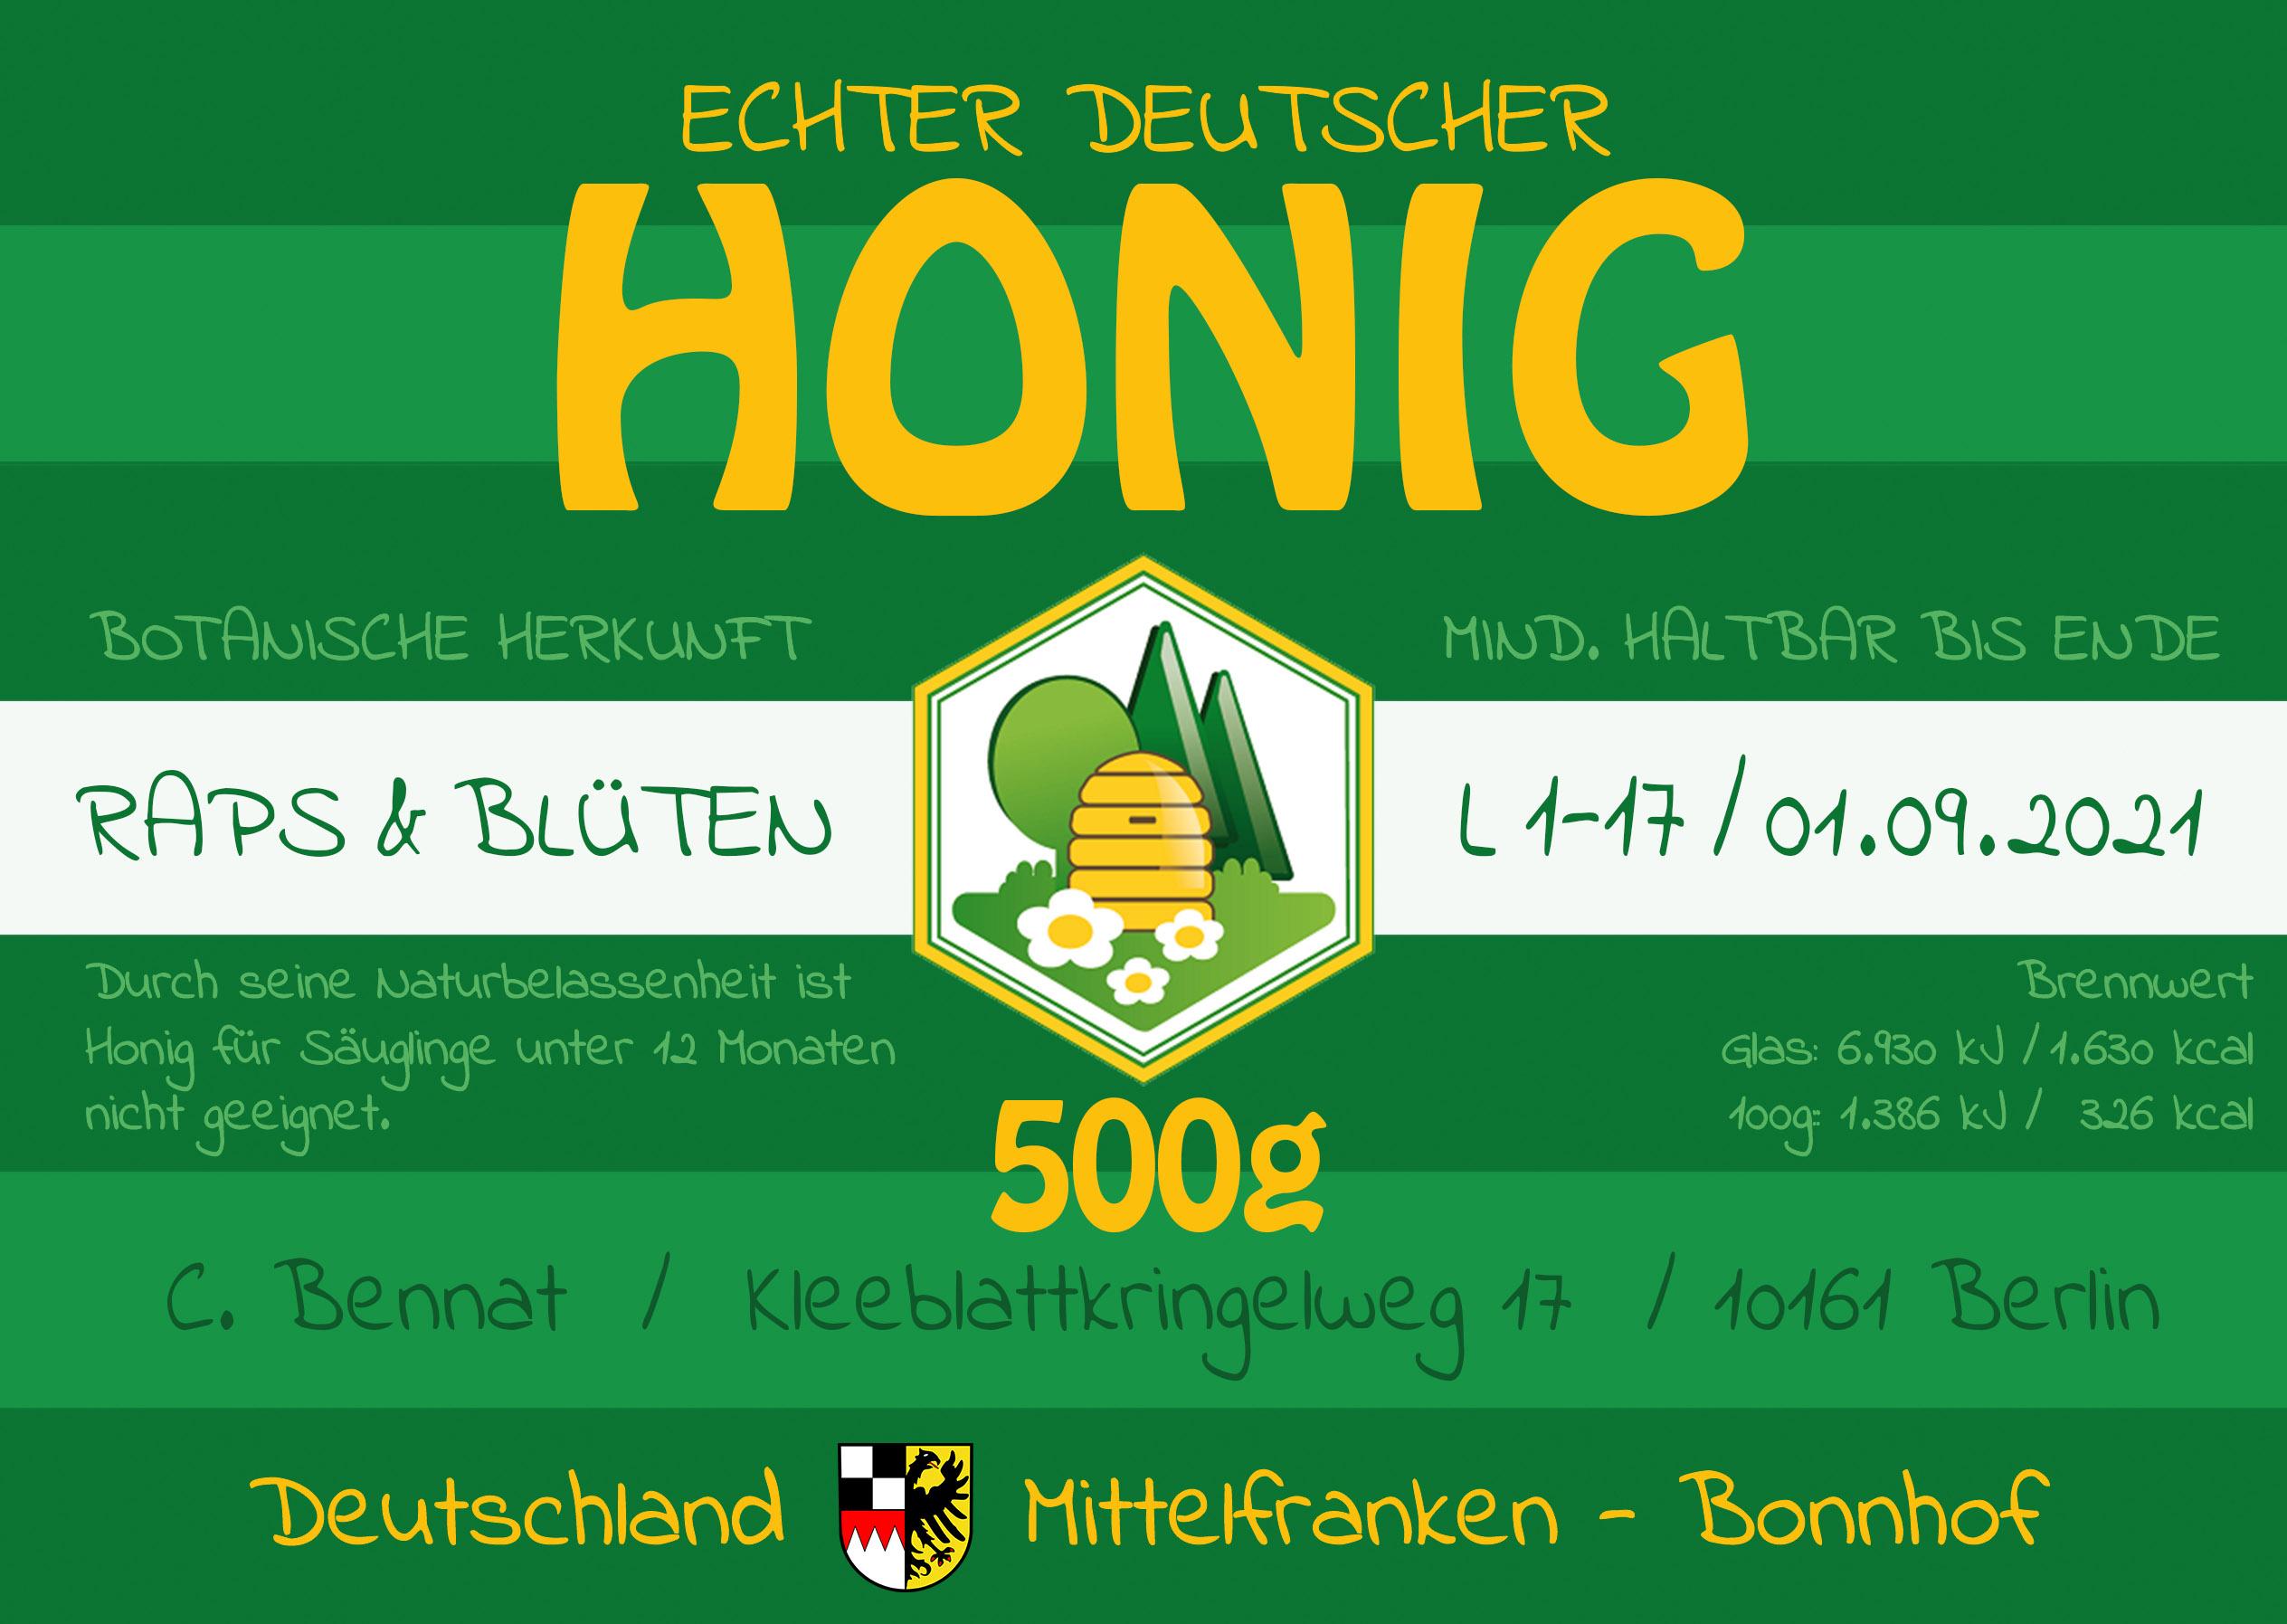 Honig Honigglas Label Aufkleber entsprechend deutsche Vorschrift Standard Regelung Stefan Echart Bonnhof Christian Bennat Design Layout